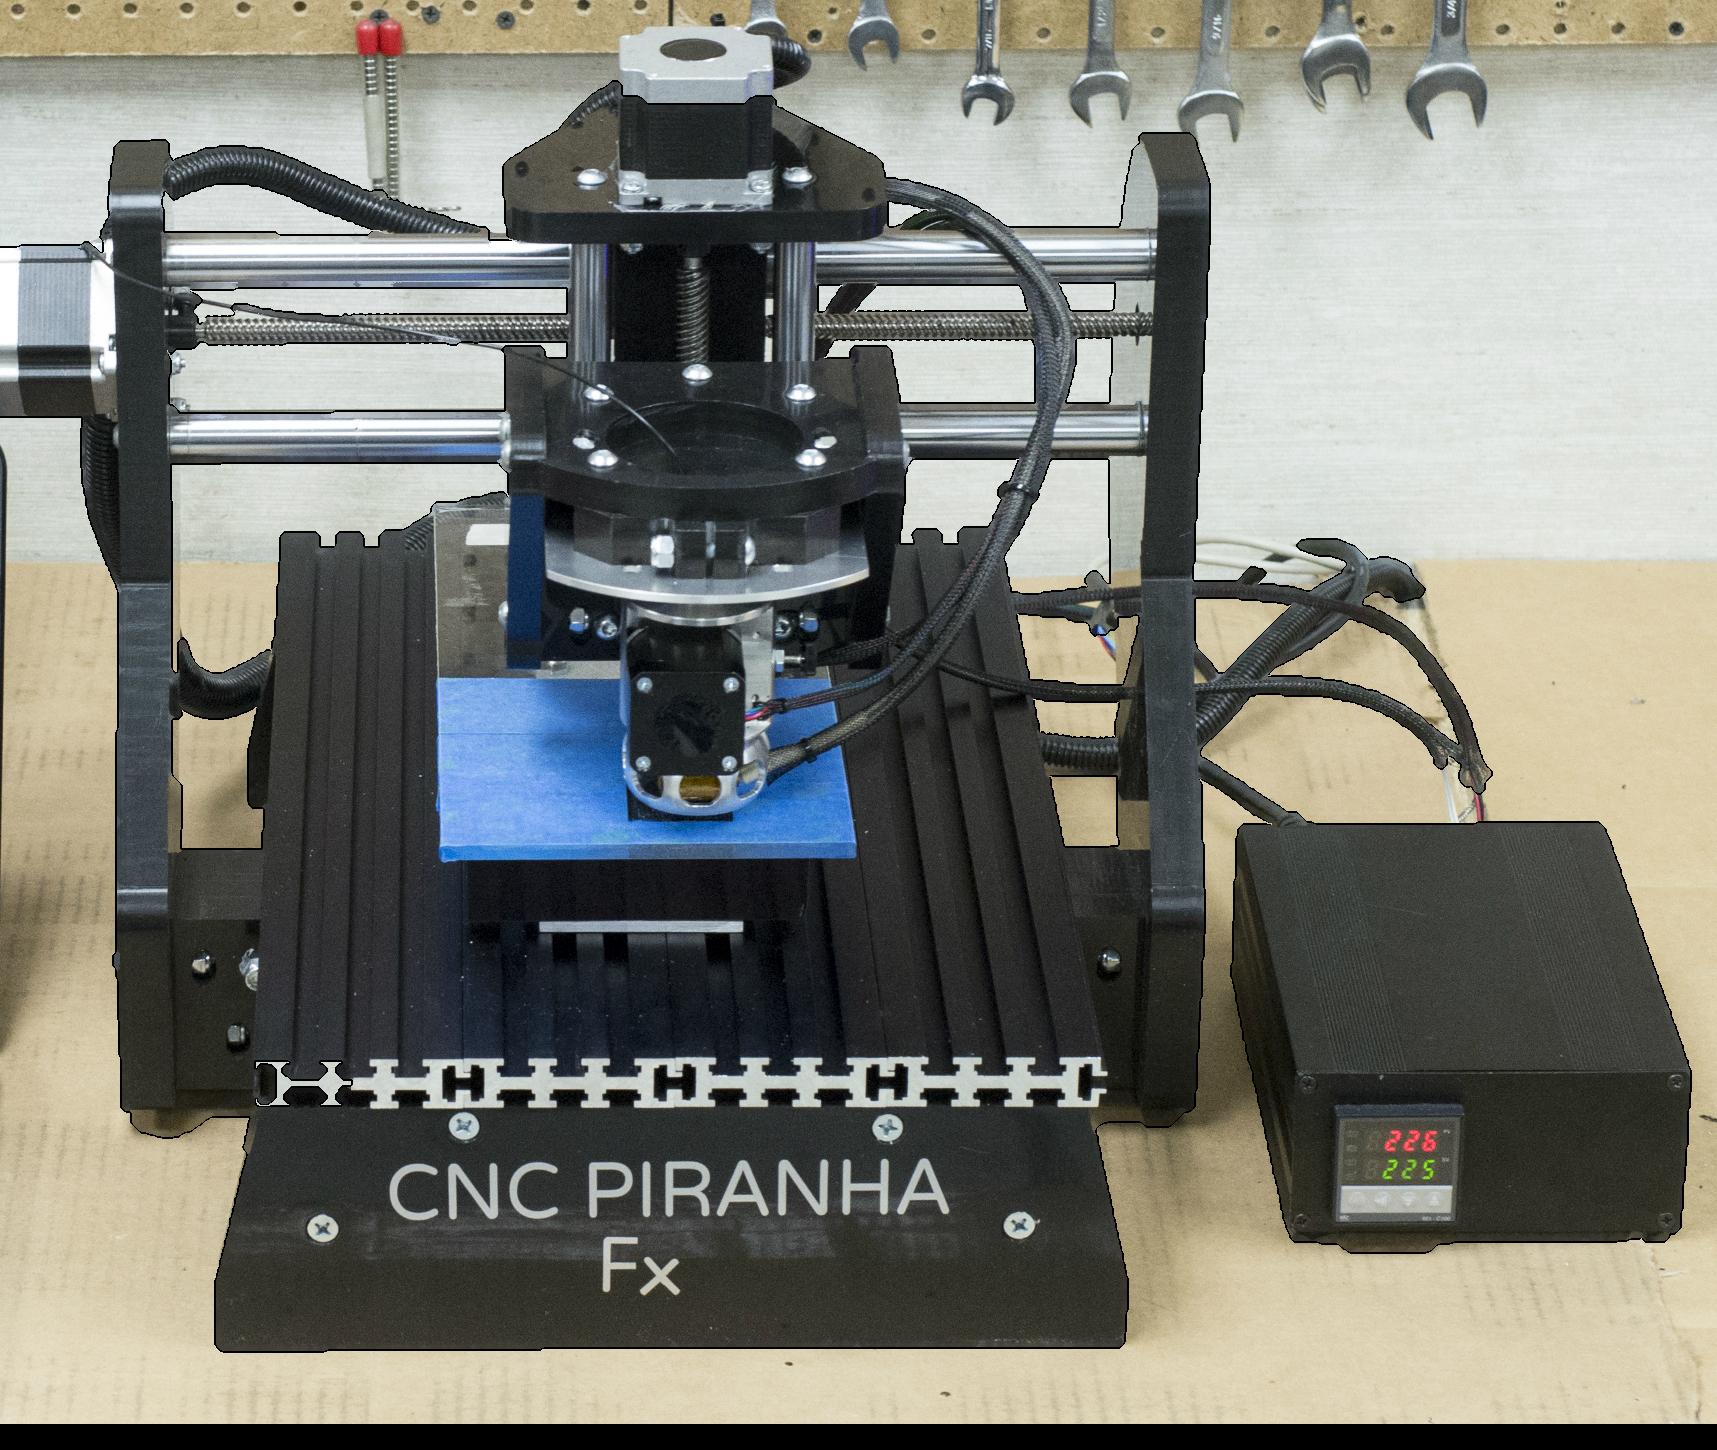 AWFS 2015: Piranha FX 3D